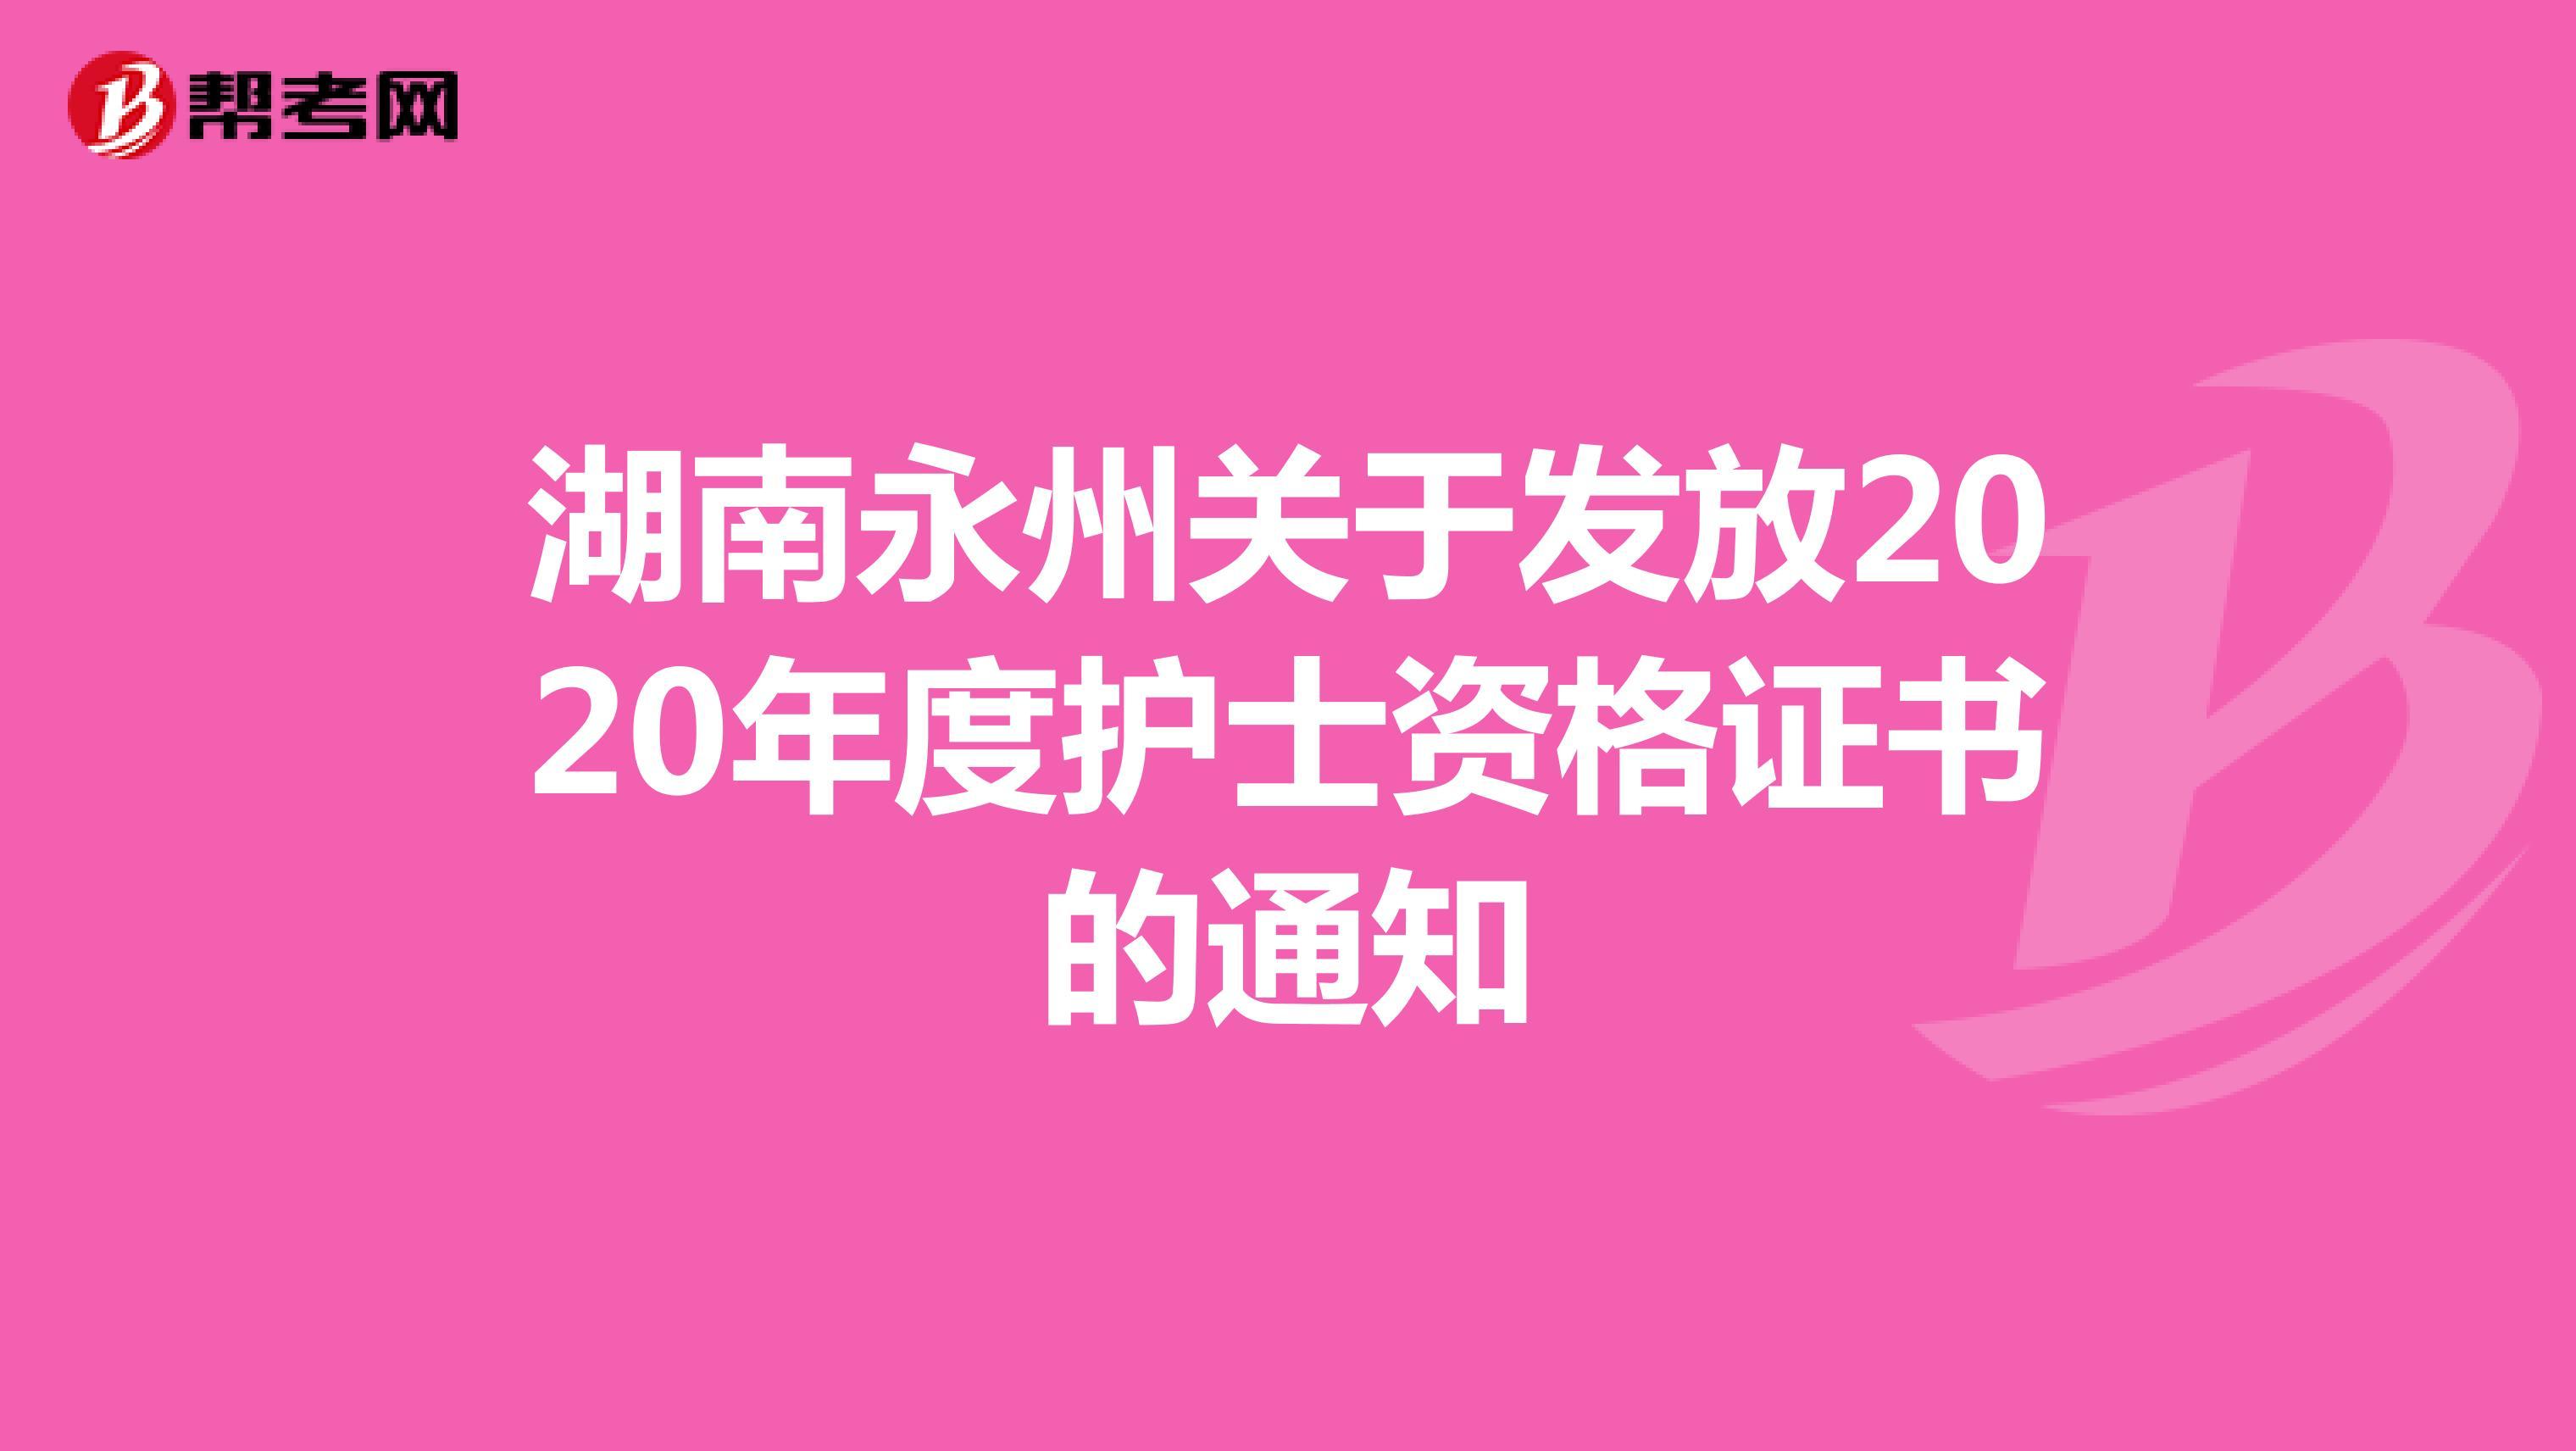 湖南永州关于发放2020年度护士资格证书的通知